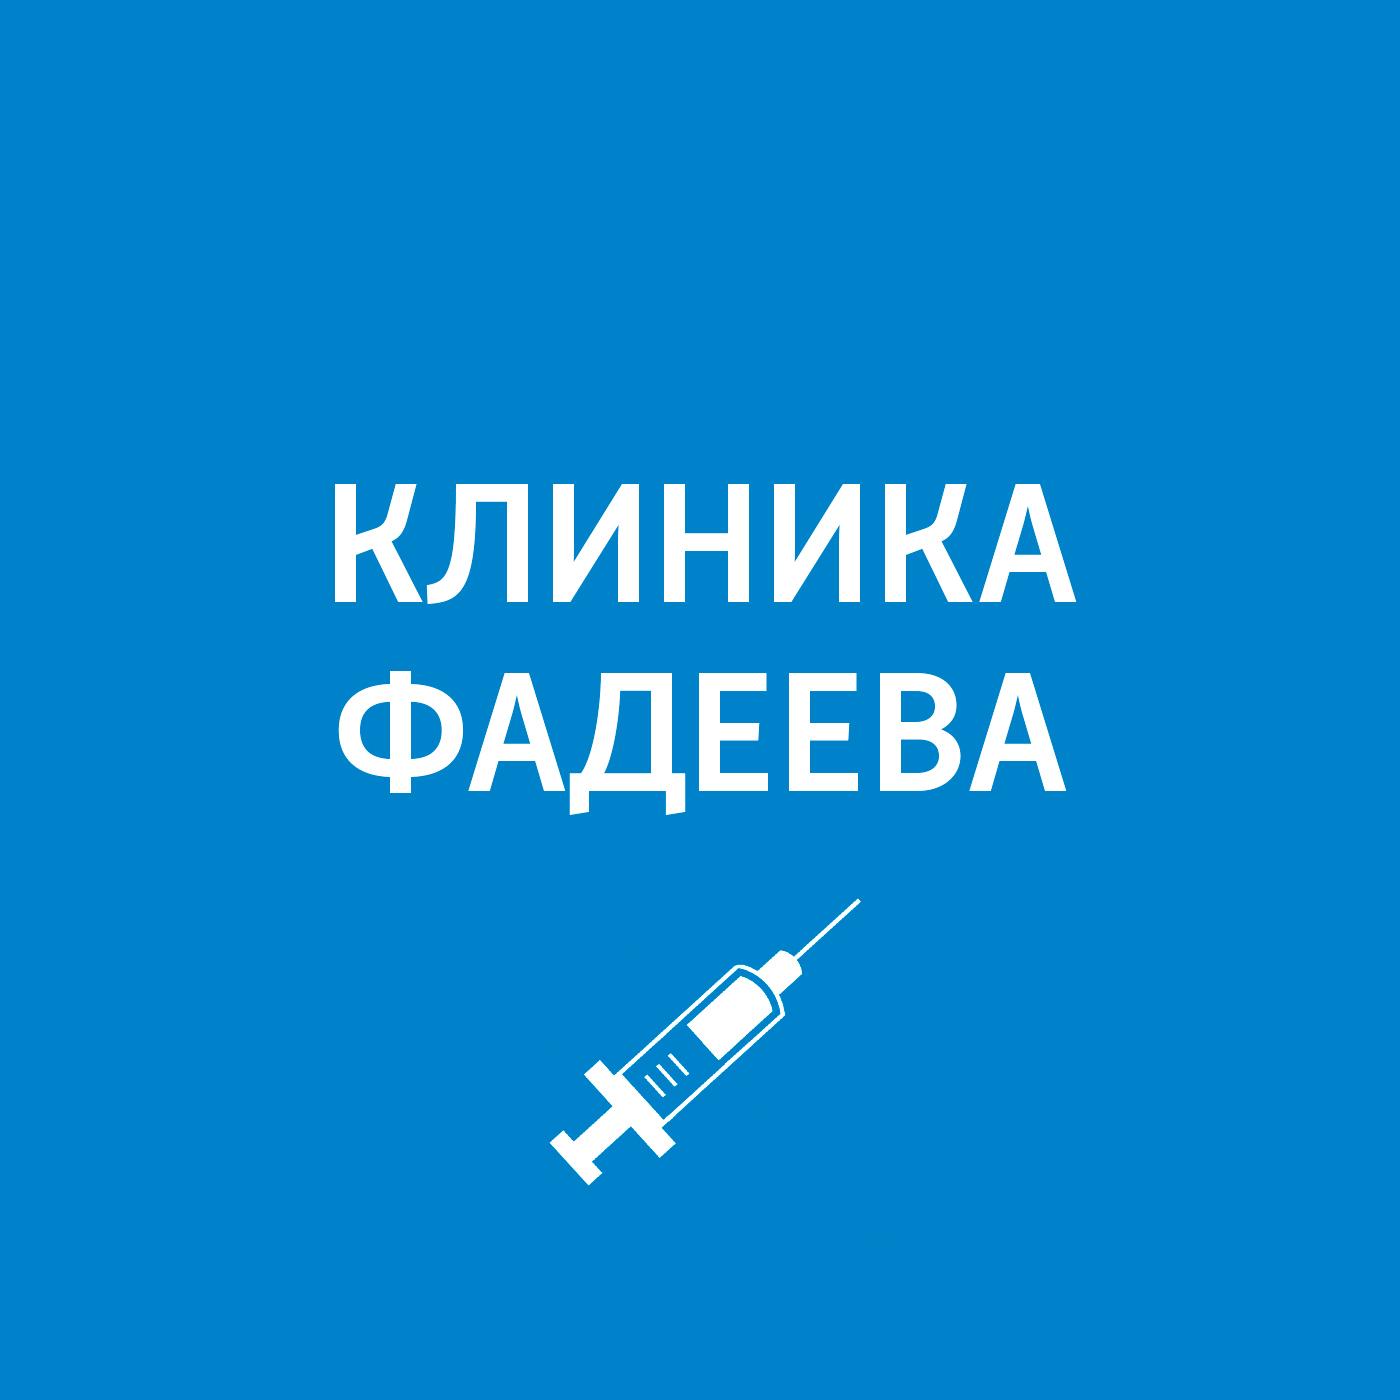 Пётр Фадеев Прием ведет врач-педиатр. Отдых с маленьким ребенком